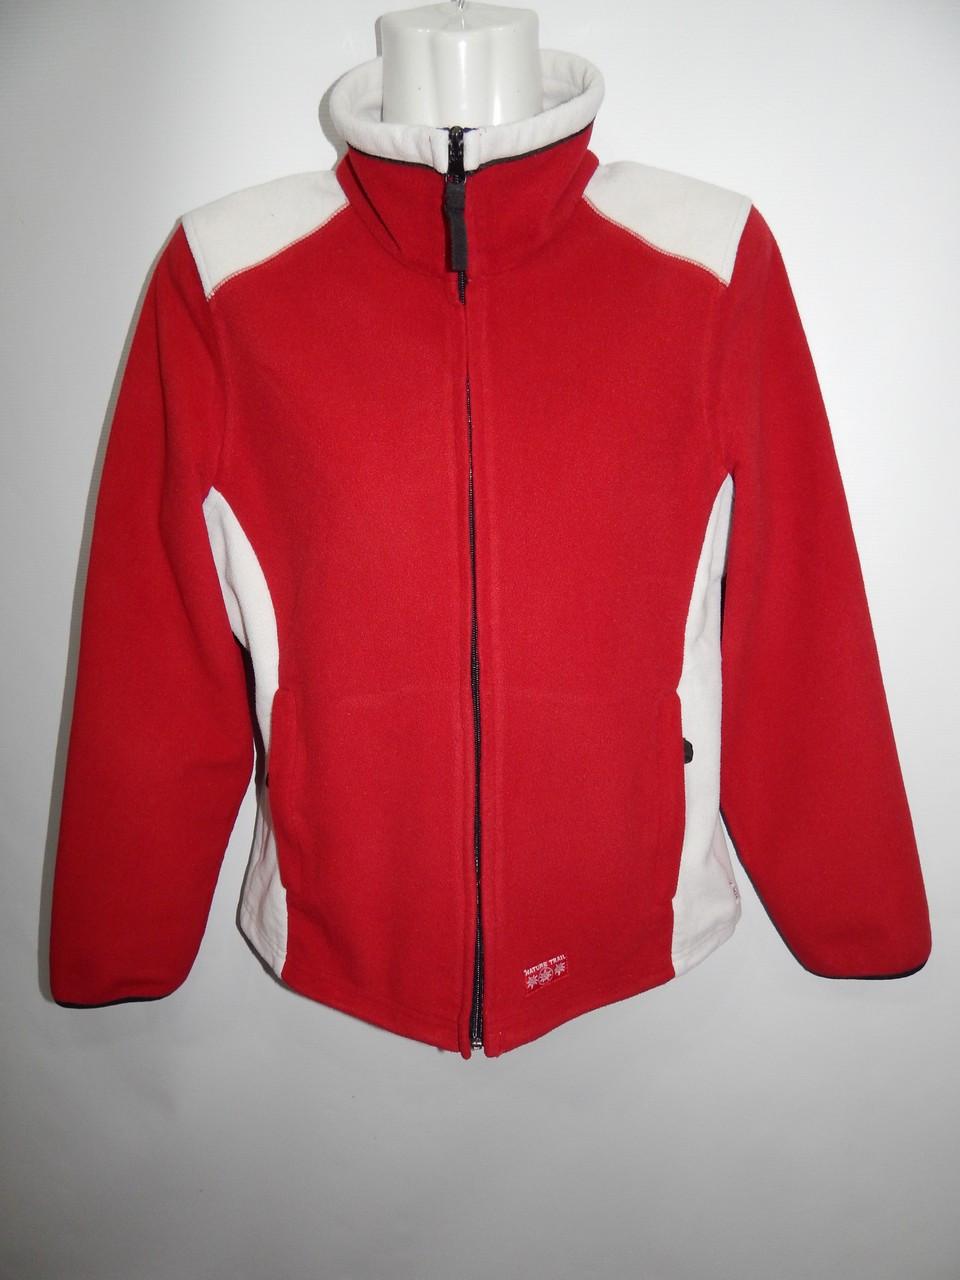 Женская плотная флисовая  кофта -куртка термо на подкладке ТСМ  46-48 р.144GF